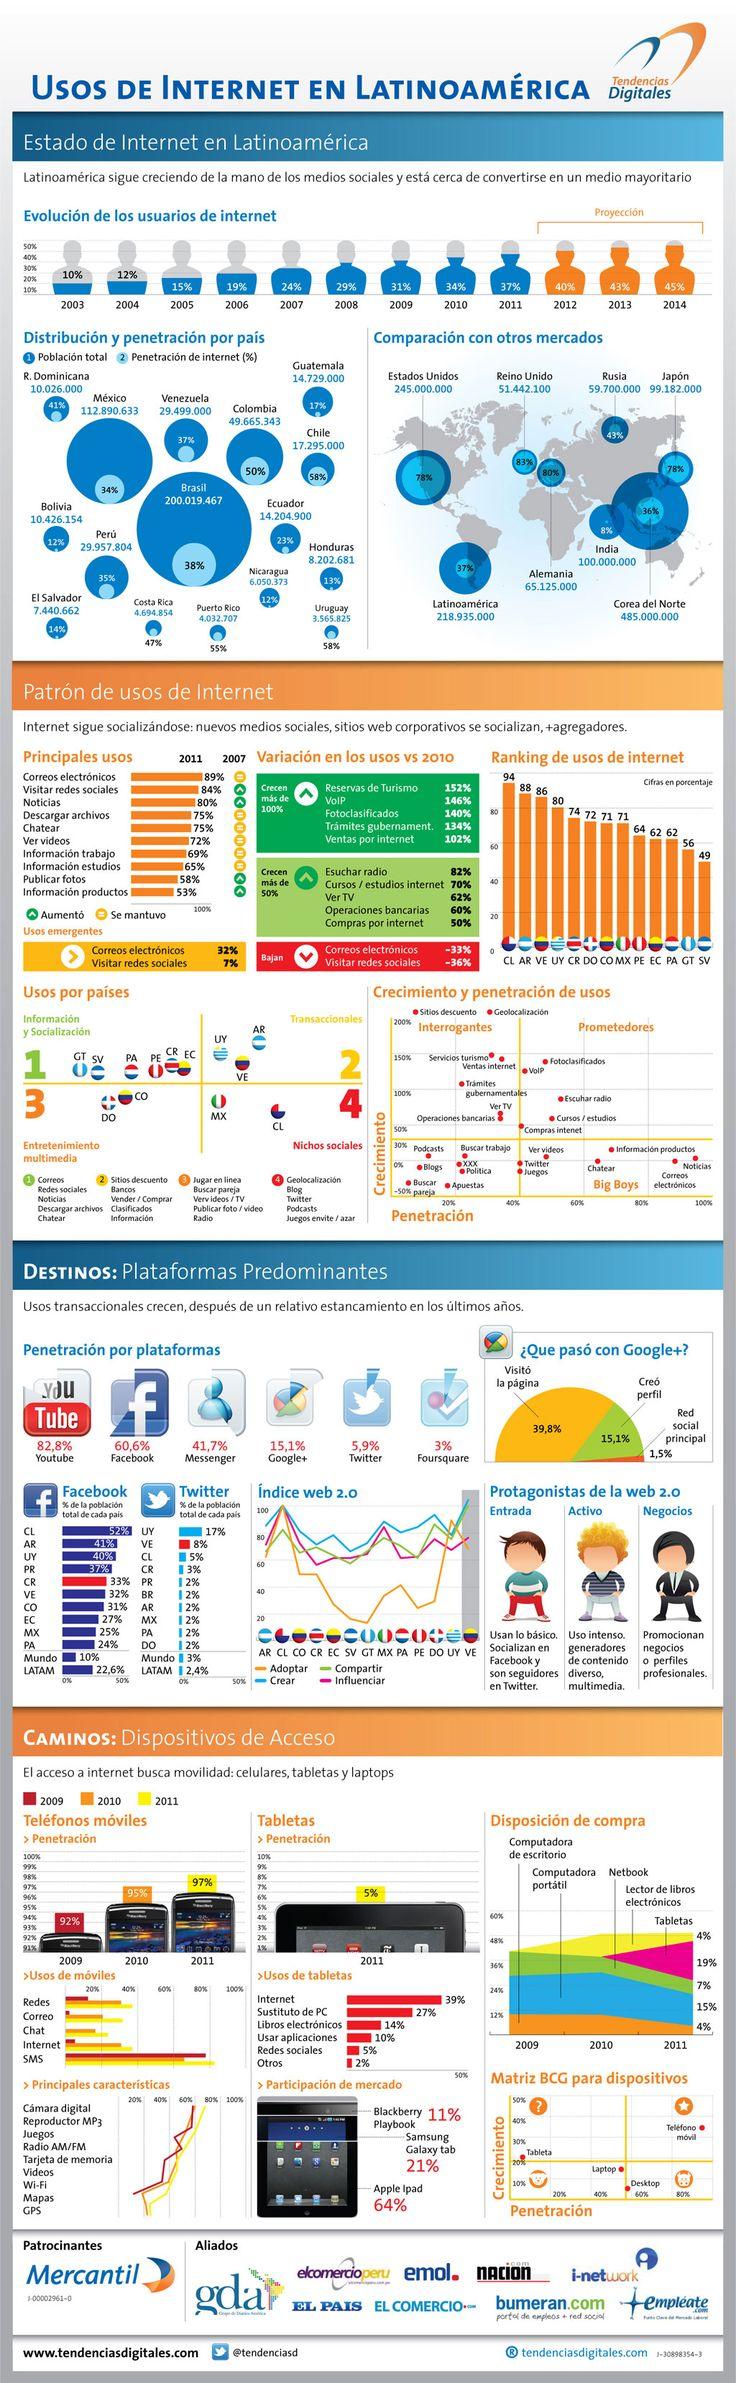 Estadísticas del uso de Internet en Latinoamerica